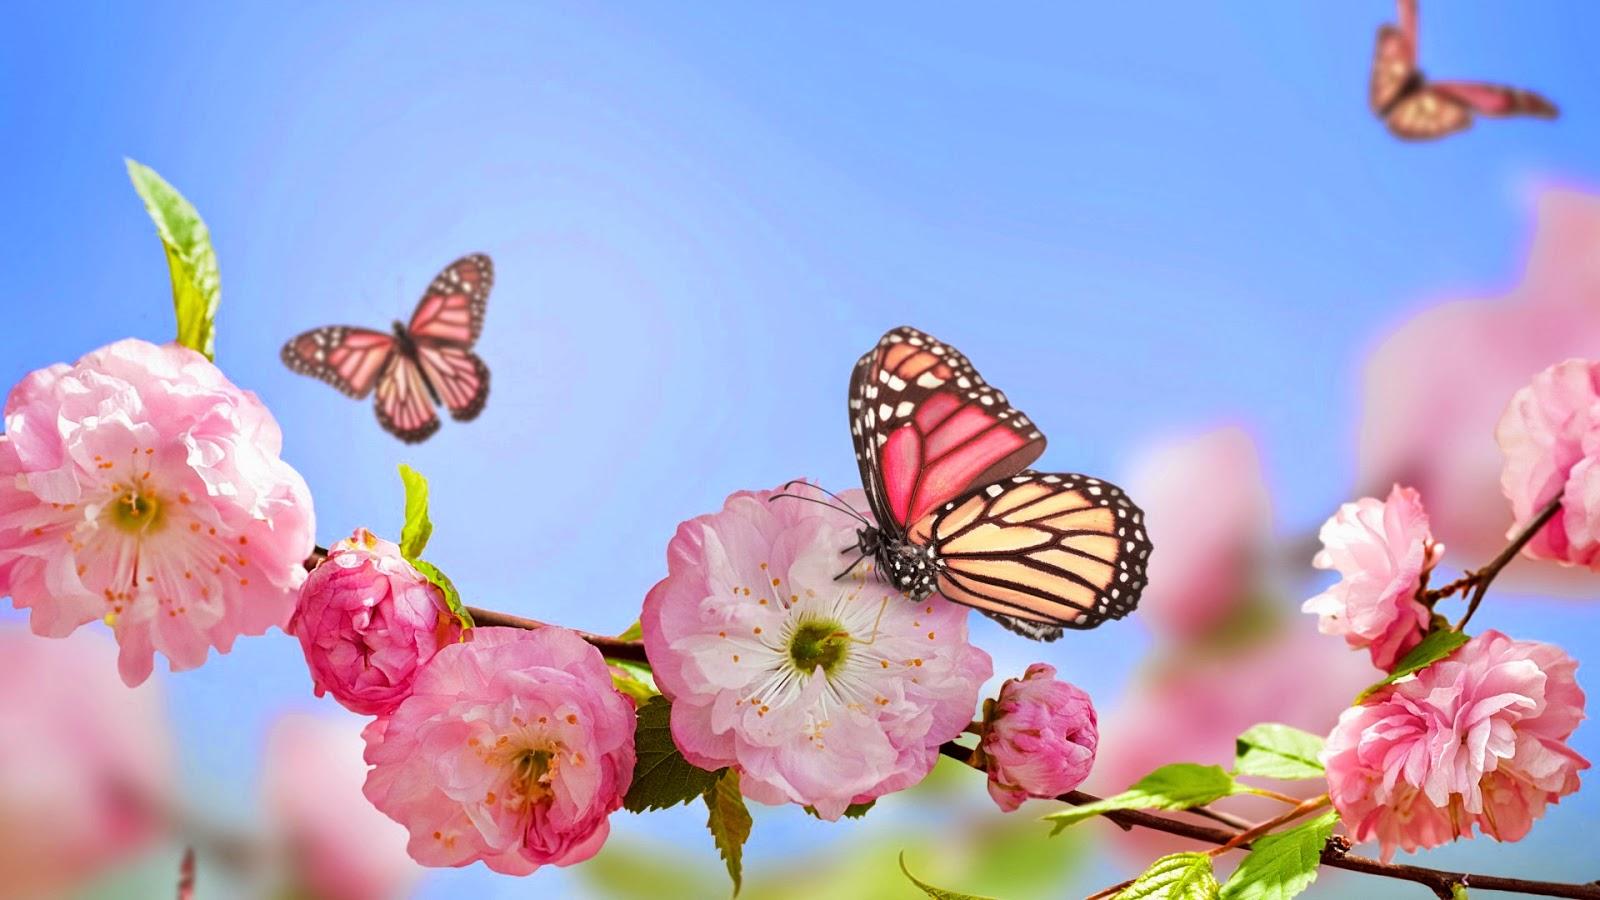 Mariposas y Flores Rosadas de Colores